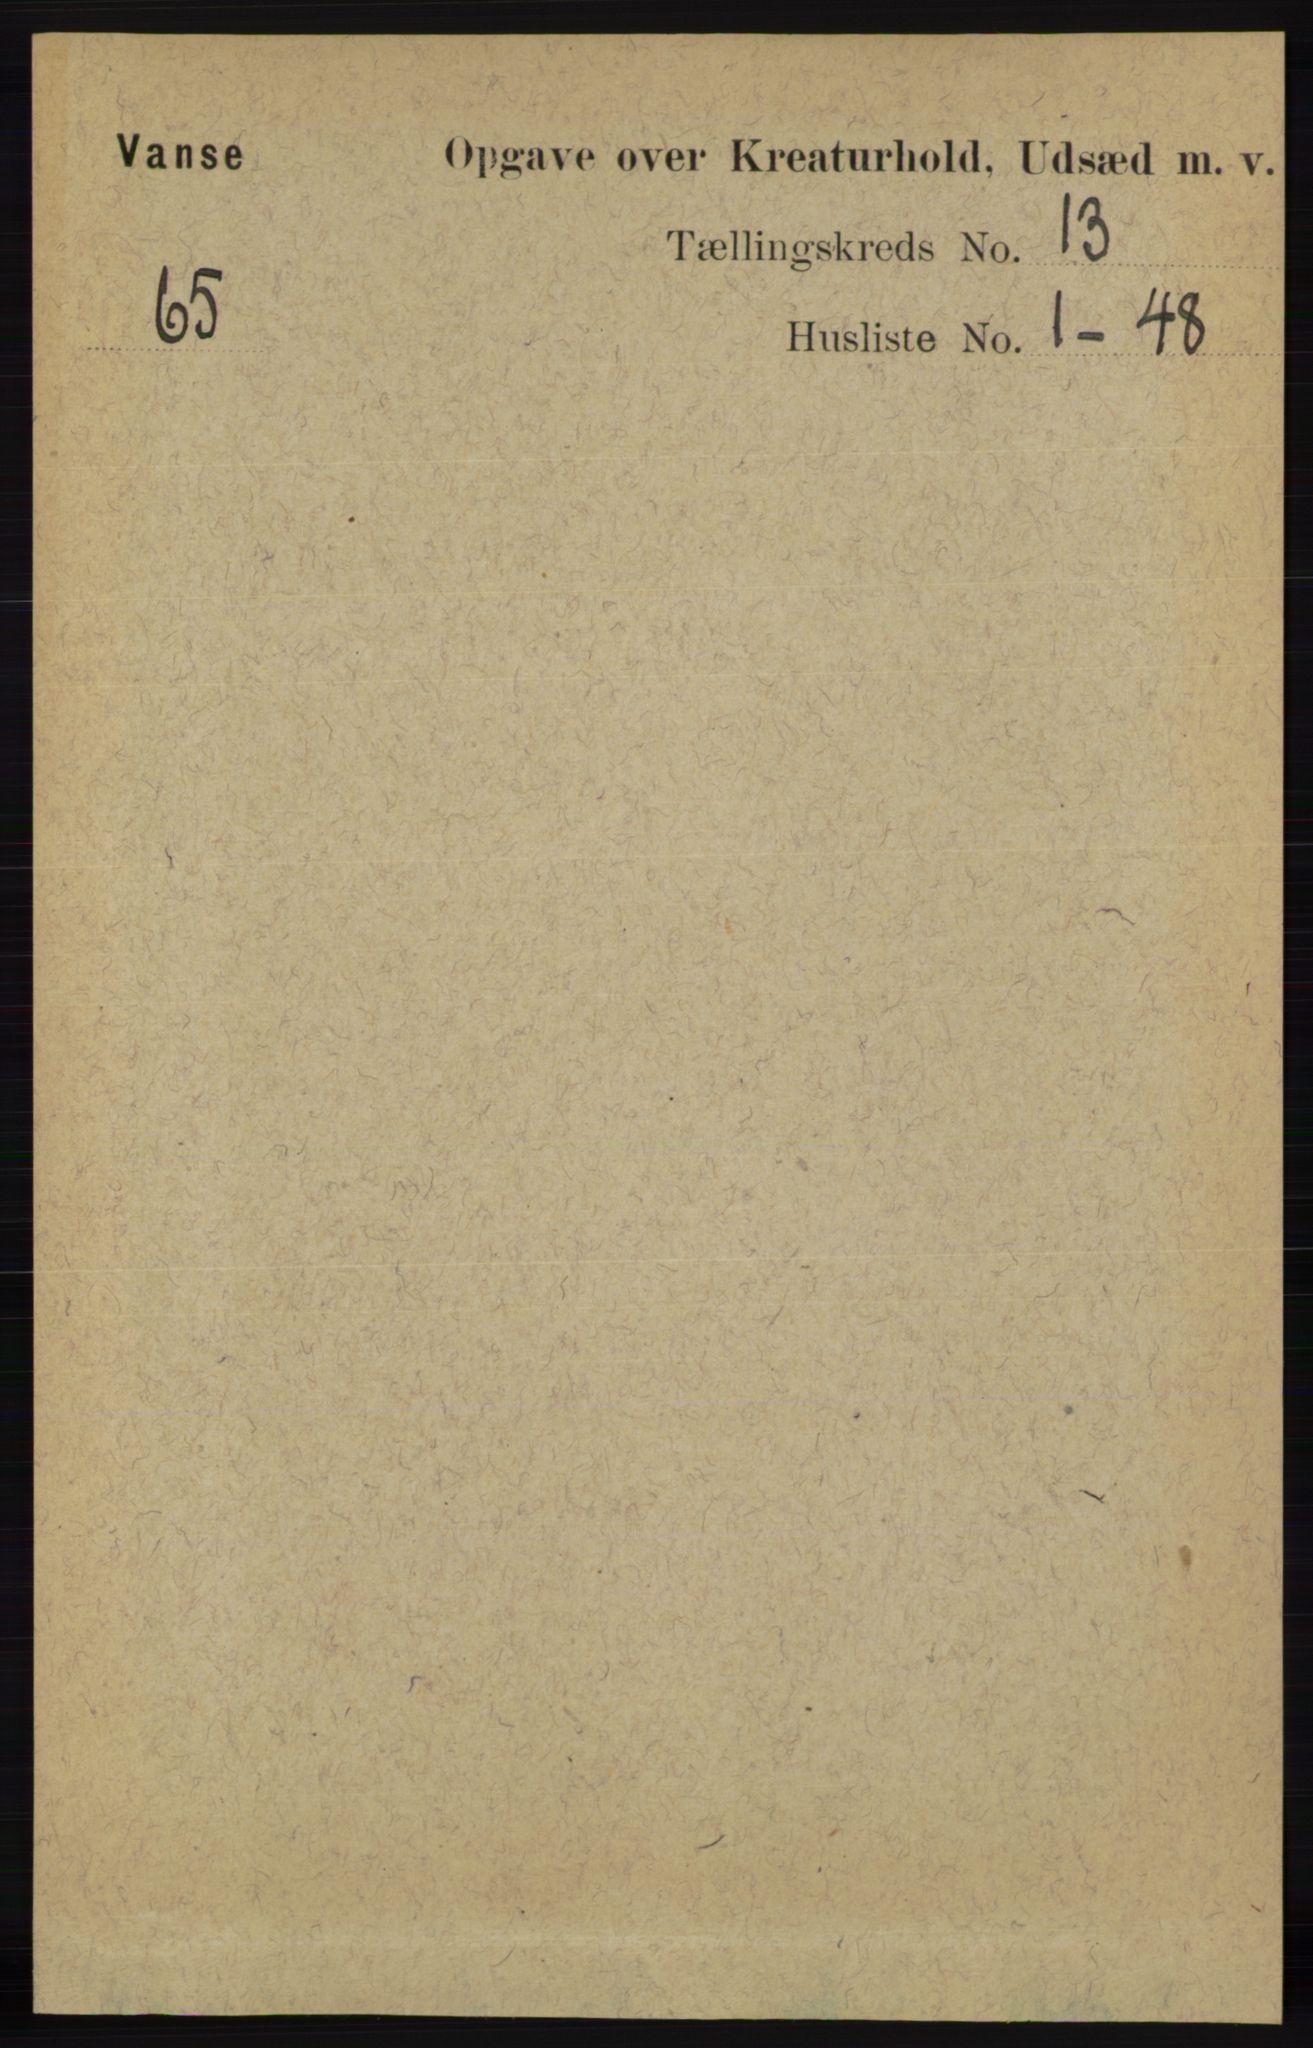 RA, Folketelling 1891 for 1041 Vanse herred, 1891, s. 10369